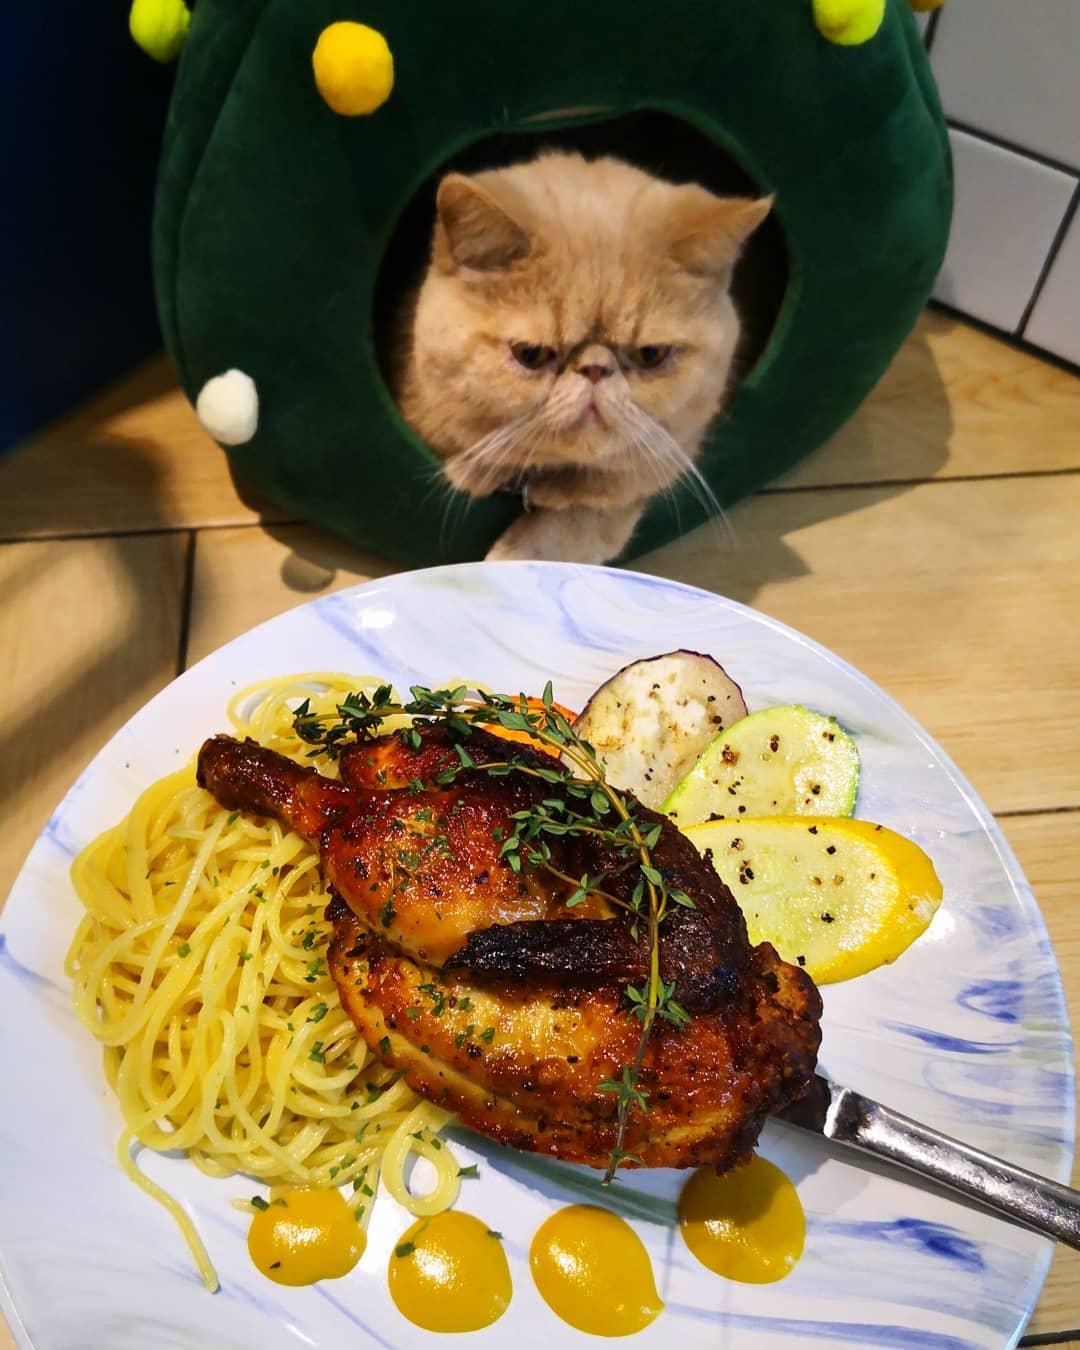 貓奴 寵物 貓Cafe 良心小店 主子 URBAN Cafe 油麻地 觀塘 蜜糖芥末汁伴香草燒春雞 燒春雞